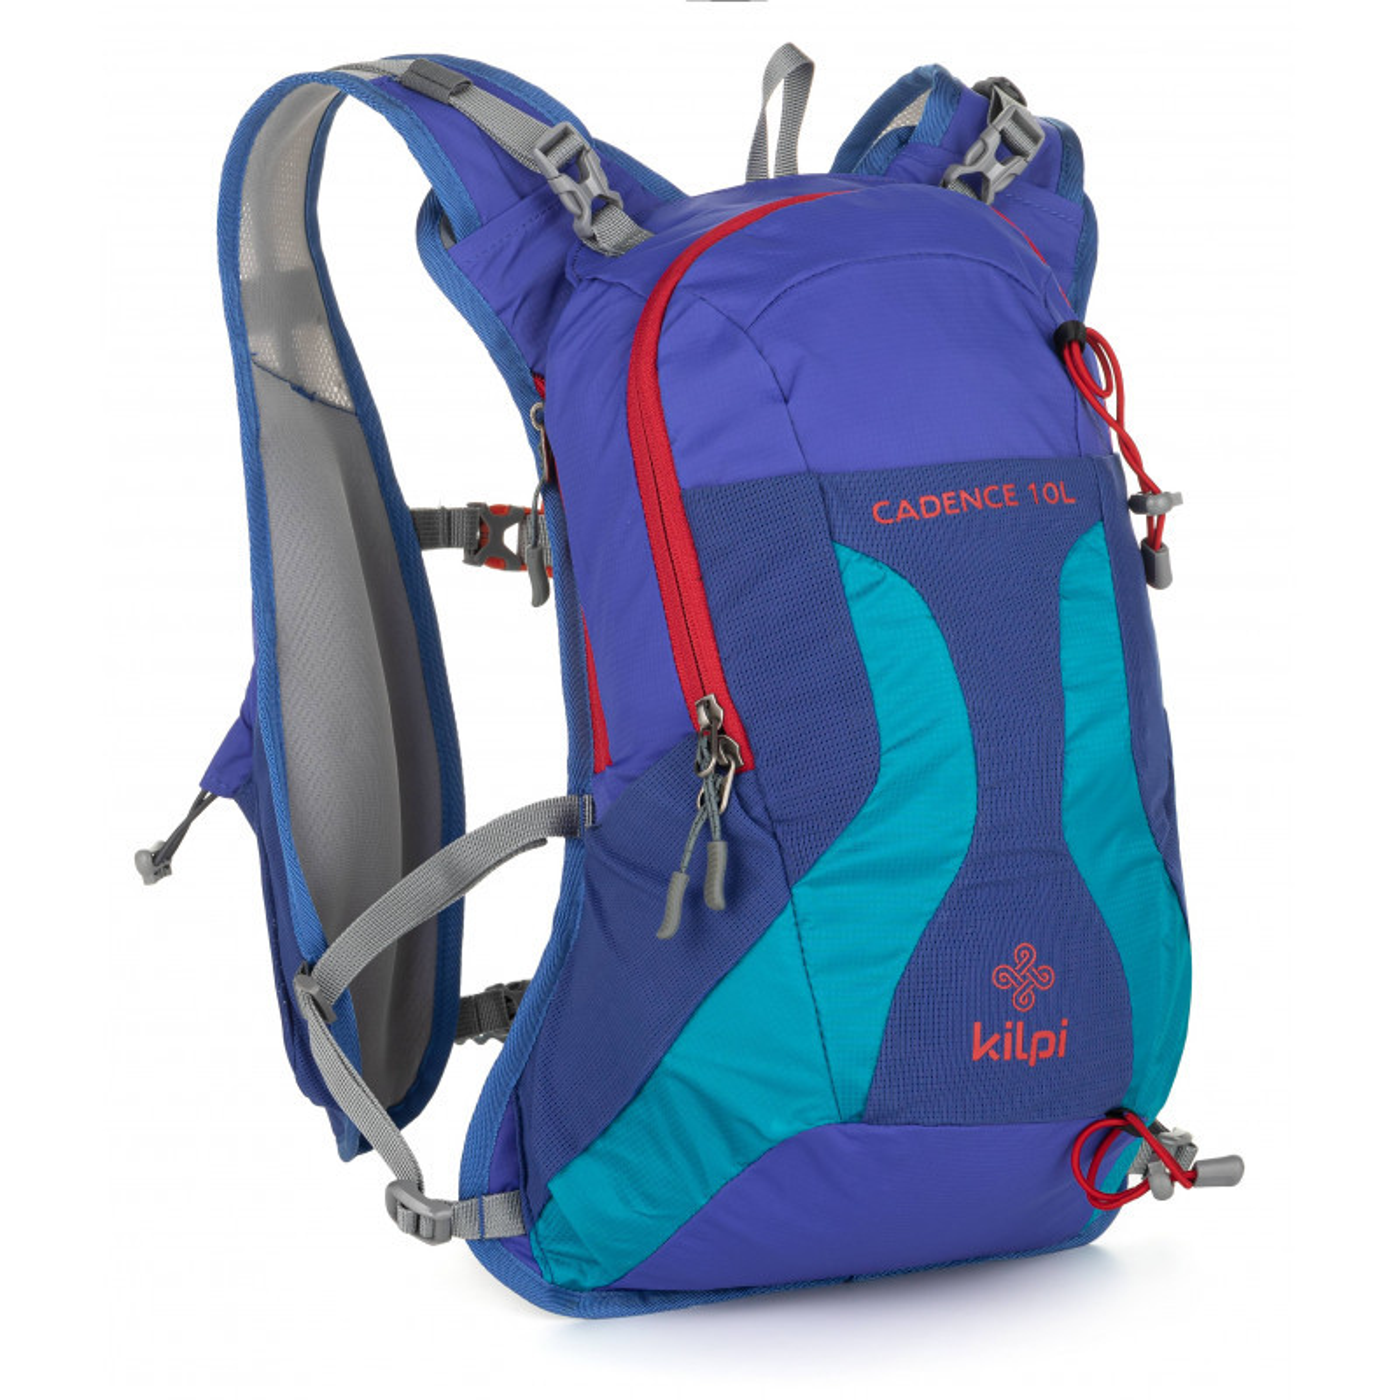 Backpack Kilpi CADENCE-U 10L